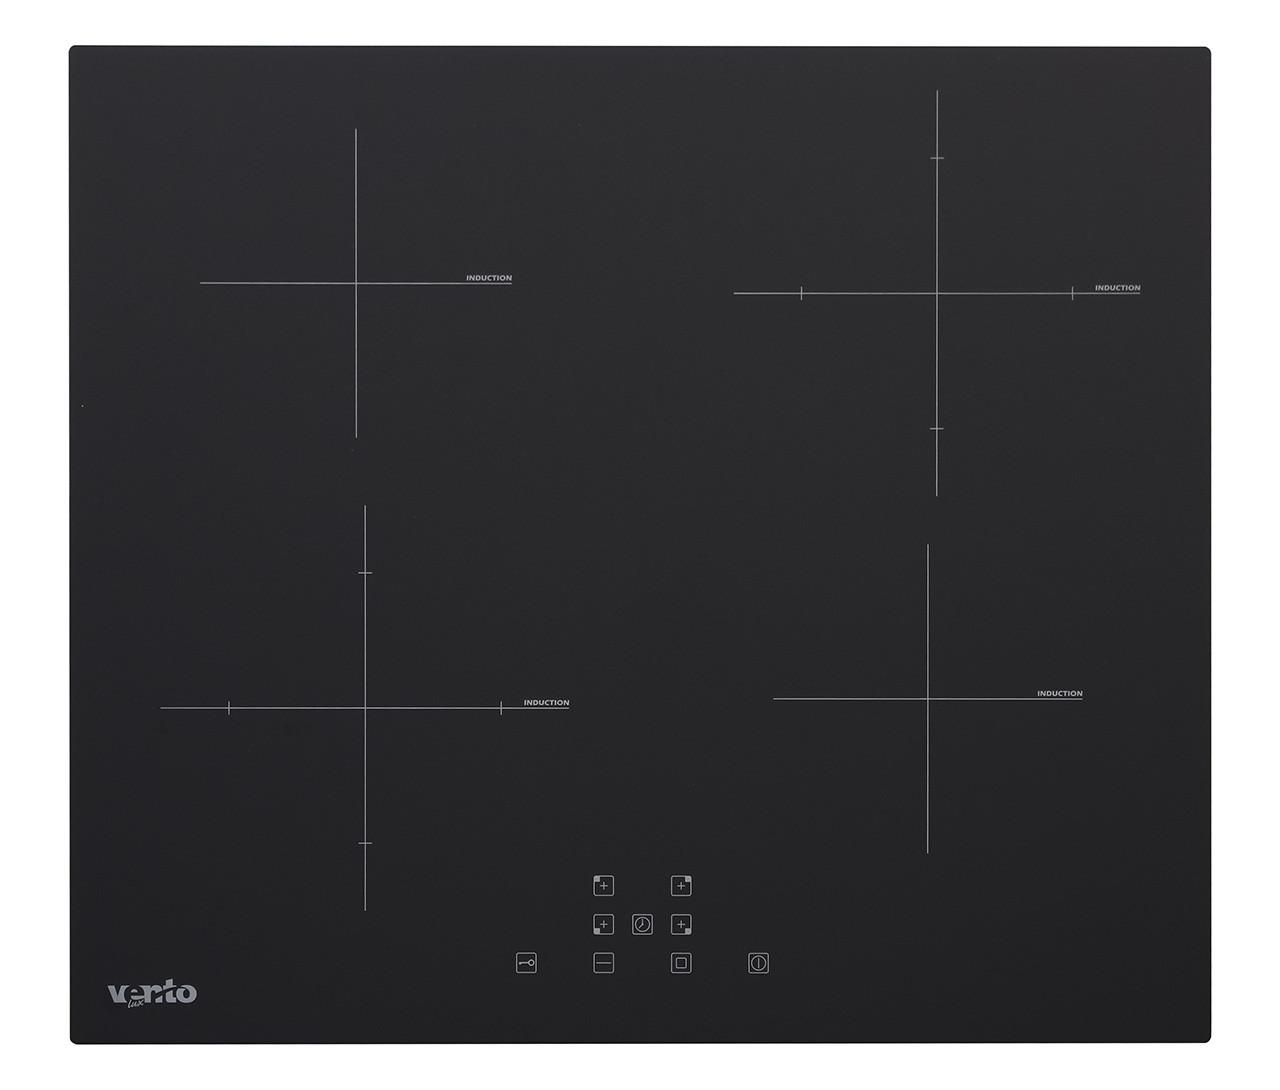 Індукційна варильна панель чорна Ventolux VI TC 64